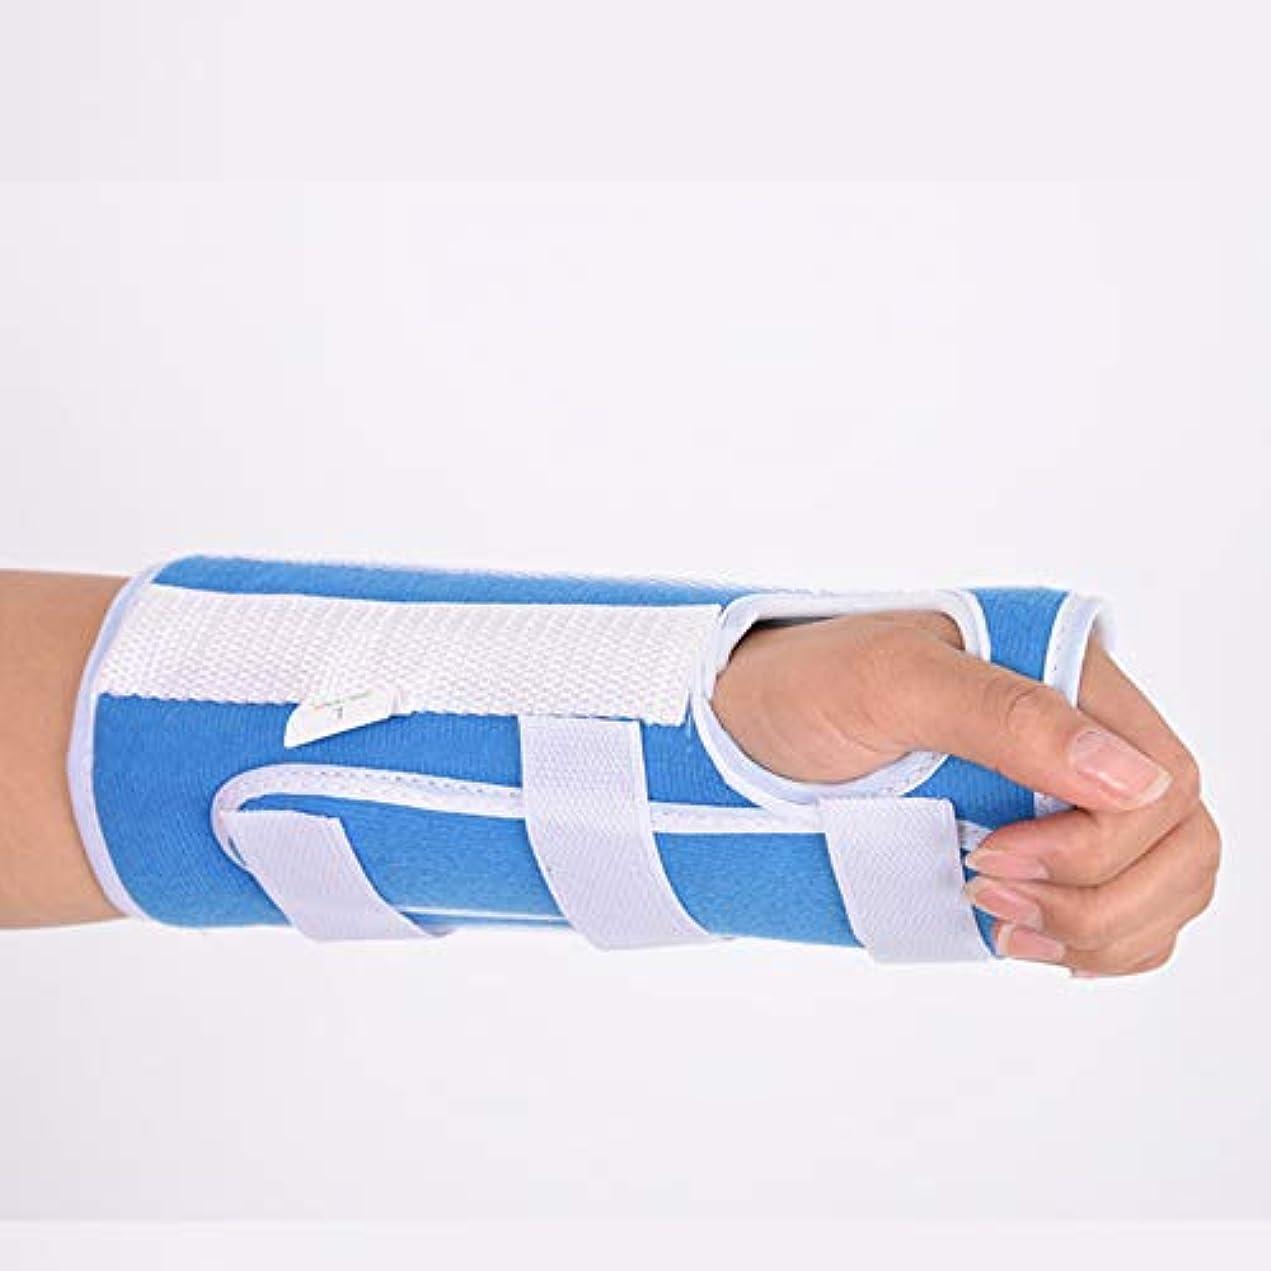 大洪水出力ブレス手根管用手首装具、関節炎および腱炎用の快適で調整可能な手首支持装具、左手と右手の両方に適合,S